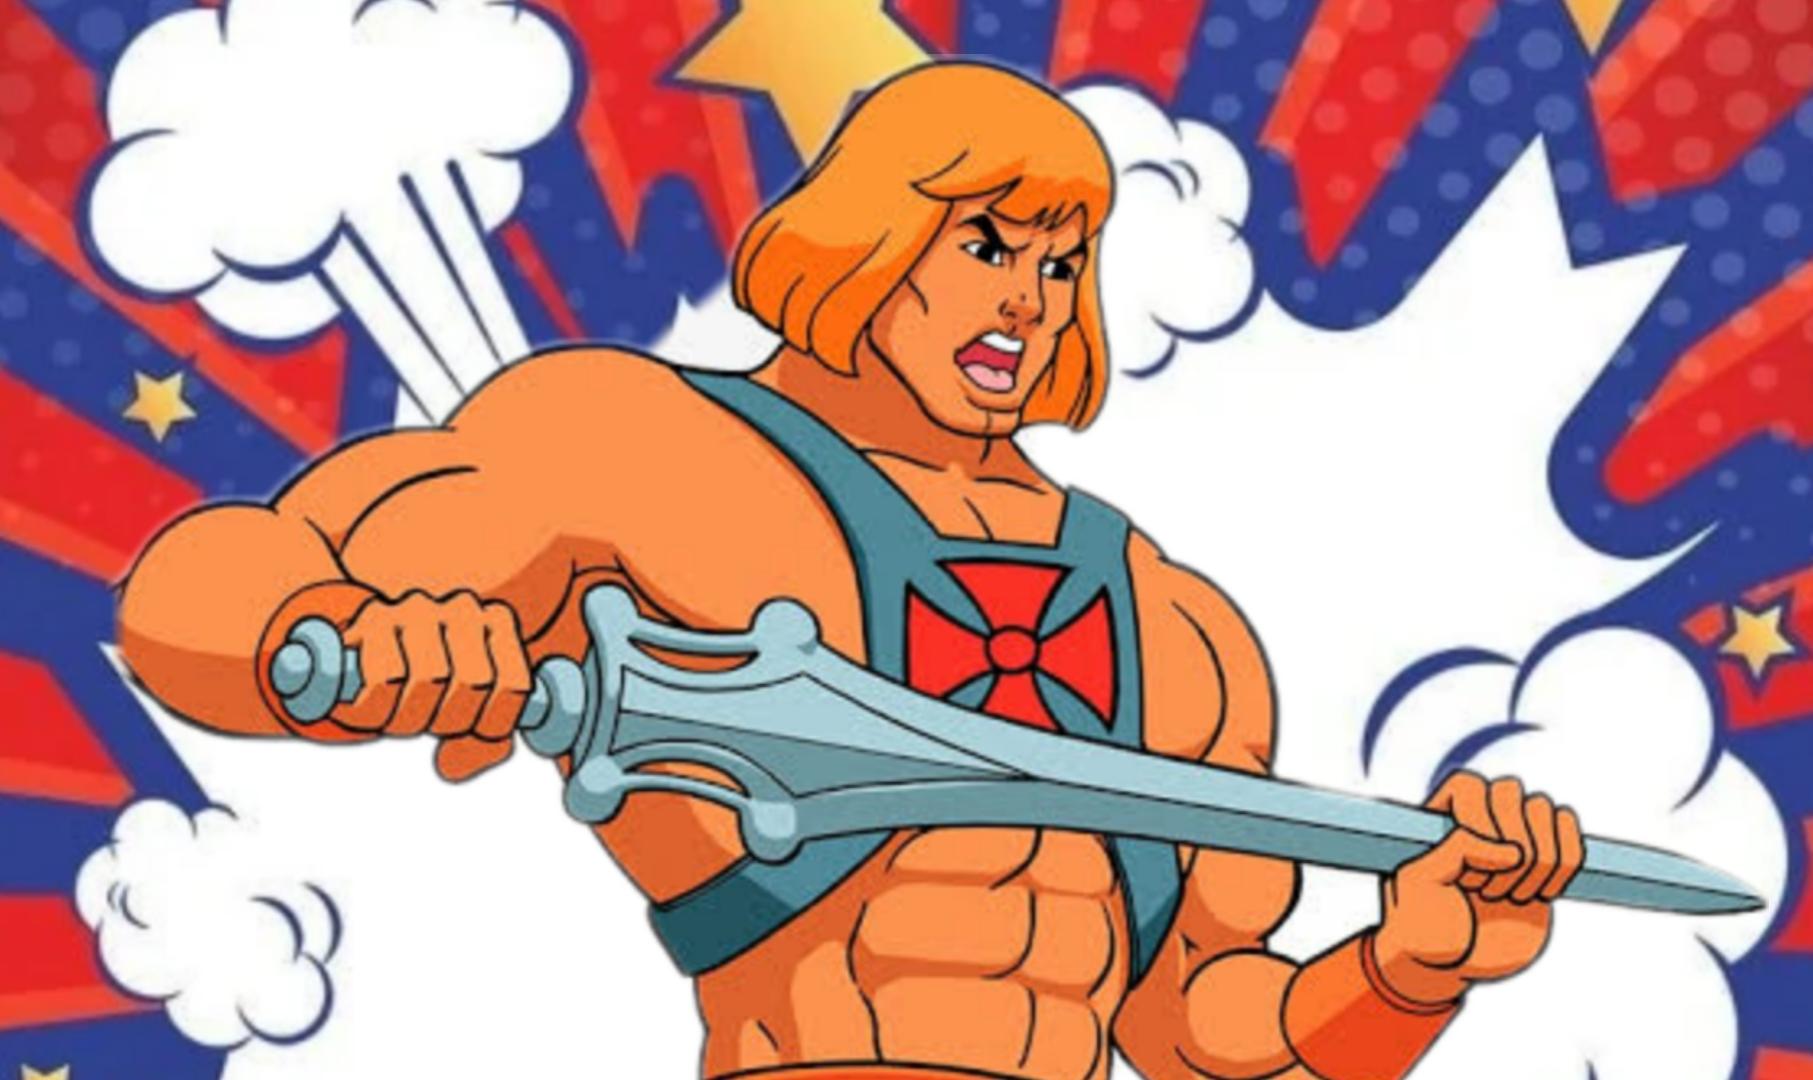 A imagem tem como fundo uma explosão animada e colorida, e ao centro vemos a personagem He-man segurando sua espada. Ele tem um semblante de fúria.